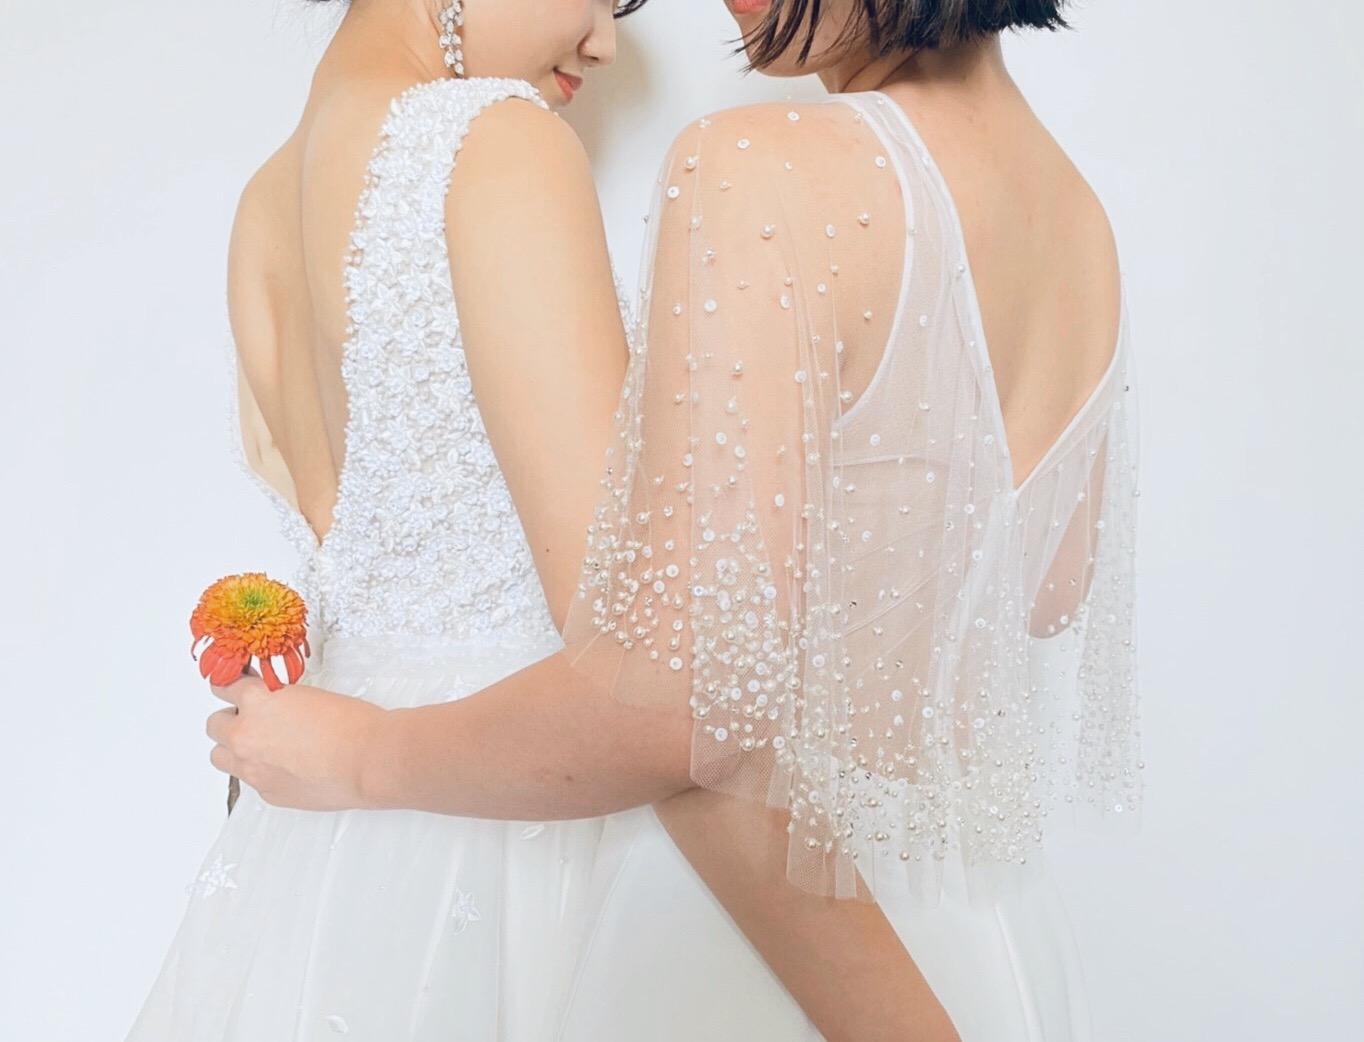 FGK花嫁に提案したい刺繍や華やかなビーディングの透明感あふれるVラインのウェディングドレス